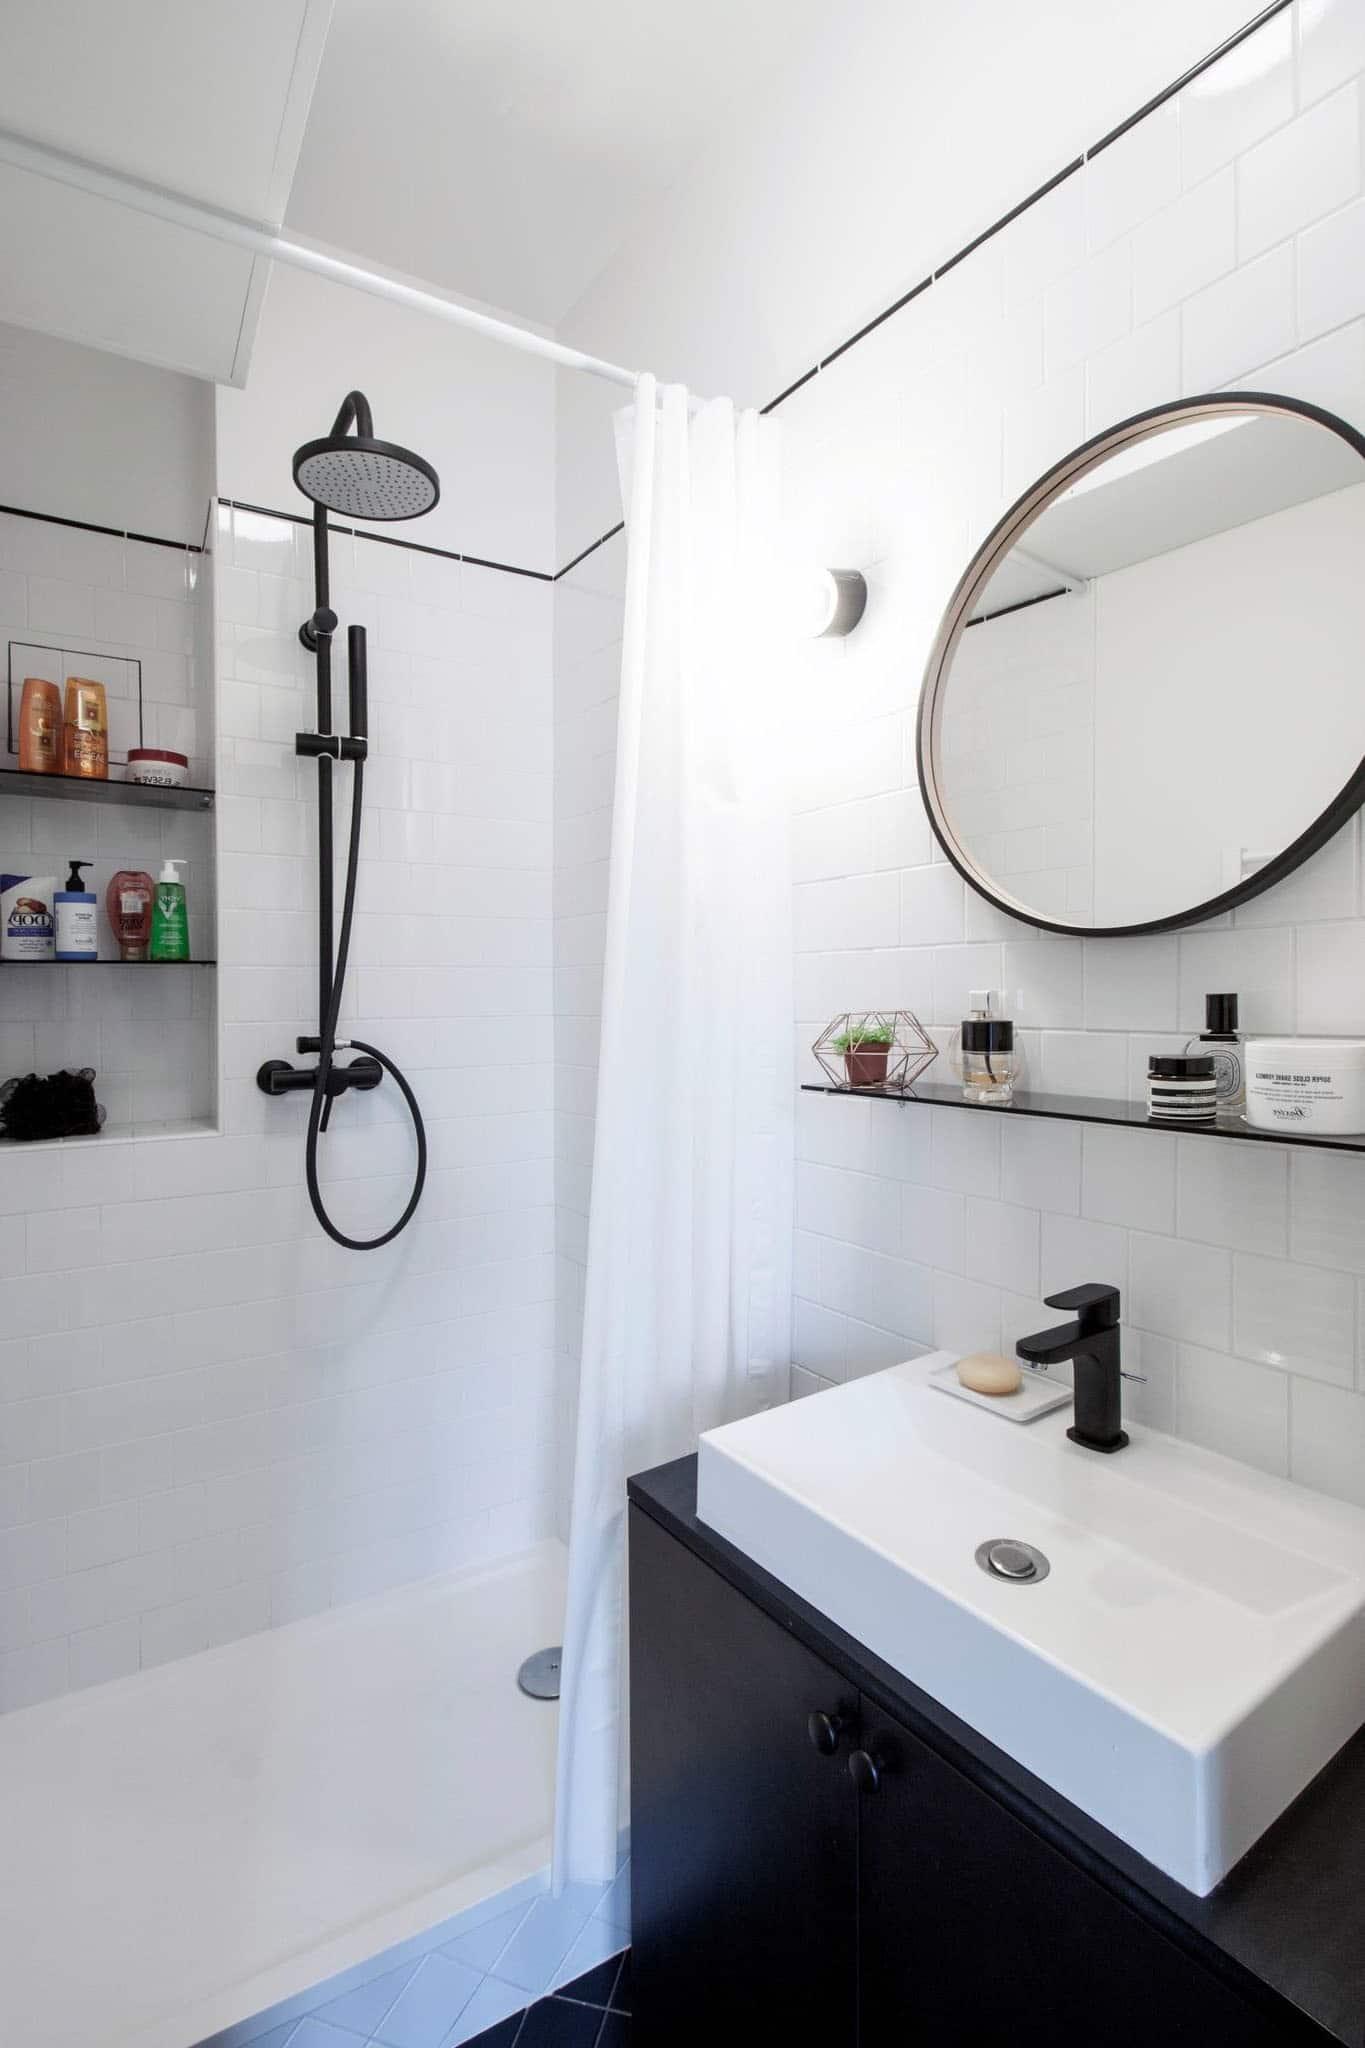 Salle De Bain En Longueur salle de bain blanche : 22 idées et photos pour trouver l